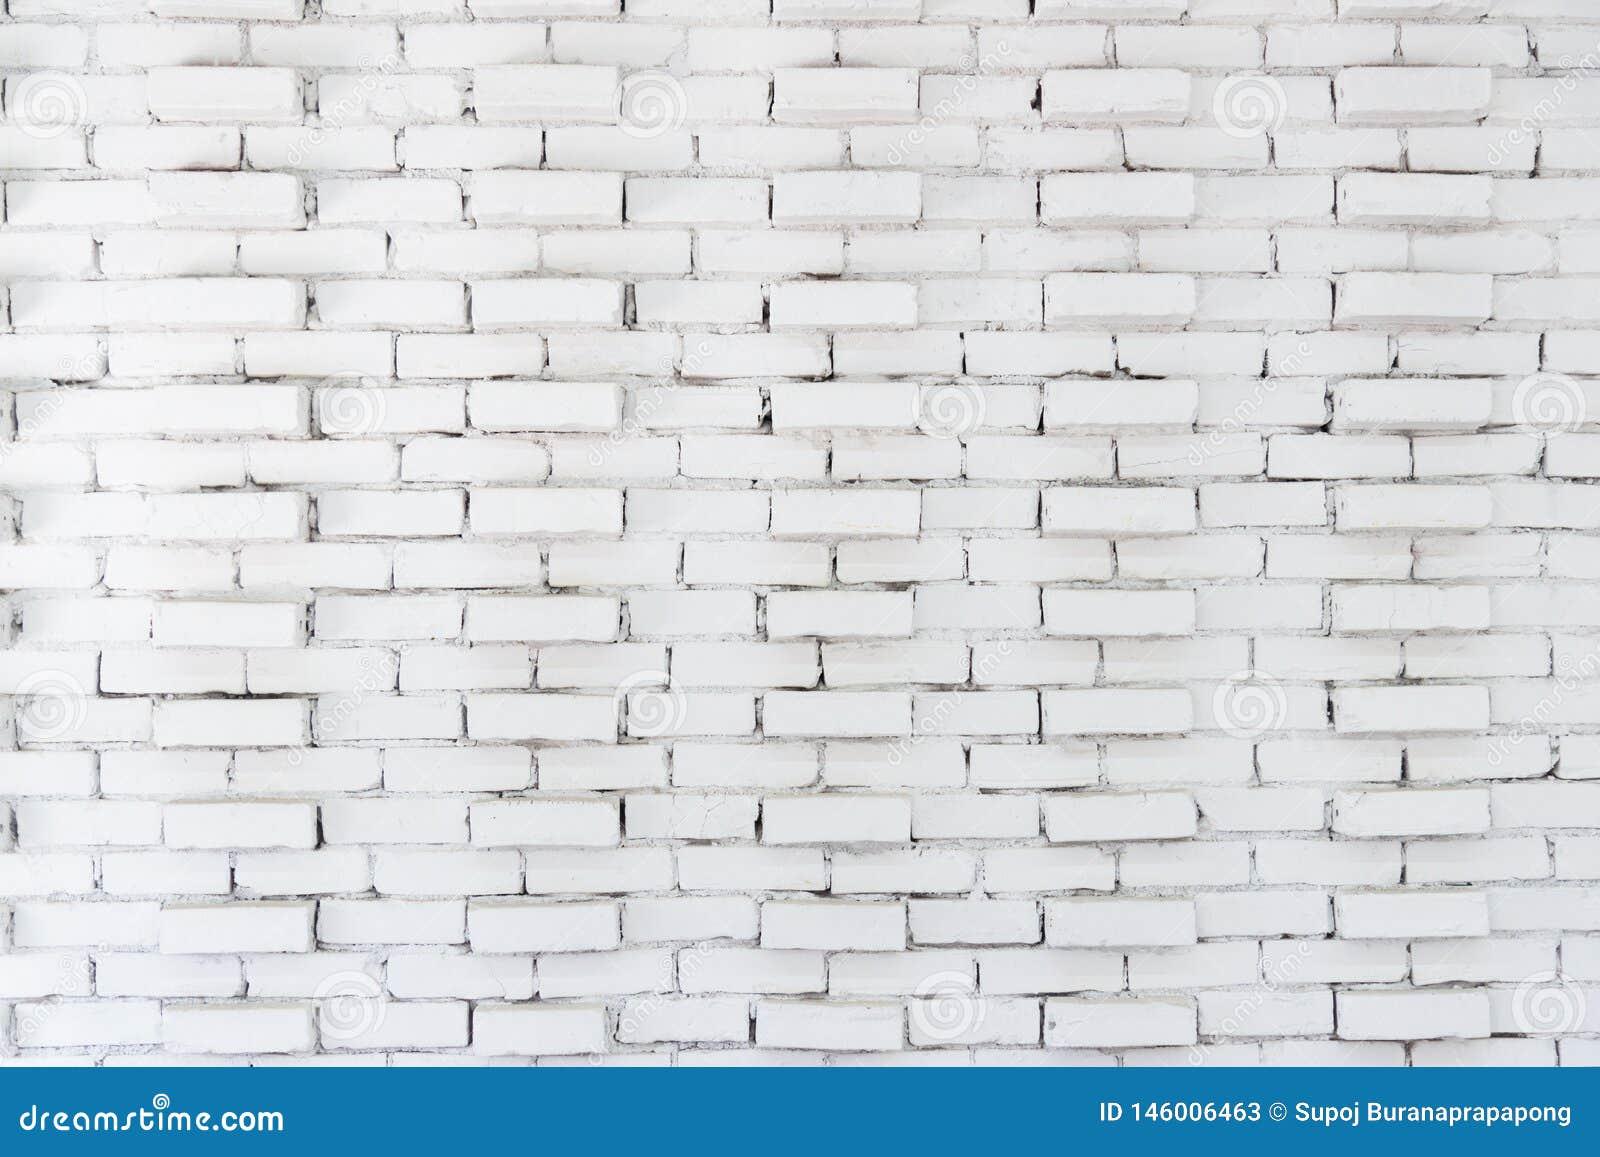 Abstracte witte bakstenen muurachtergrond in landelijke ruimte, grungy roestige blokken van het behang van de metselwerkarchitect